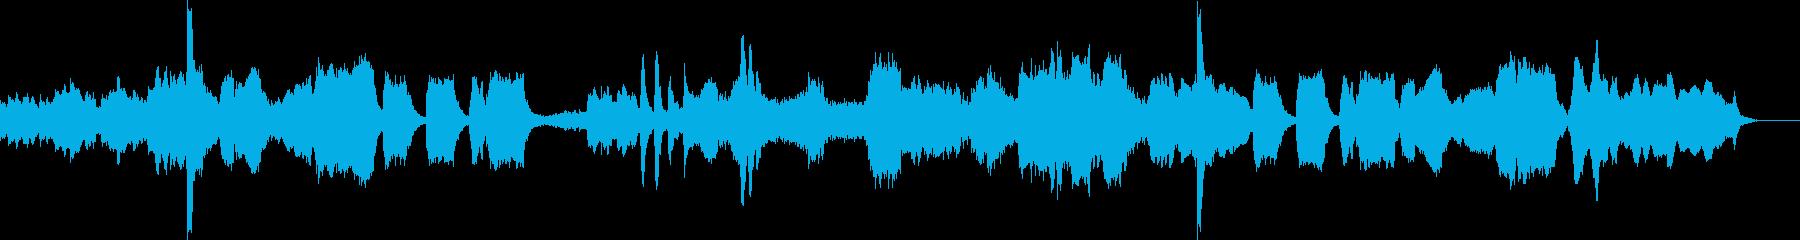 怪しいホラーテイストなクラシックの再生済みの波形